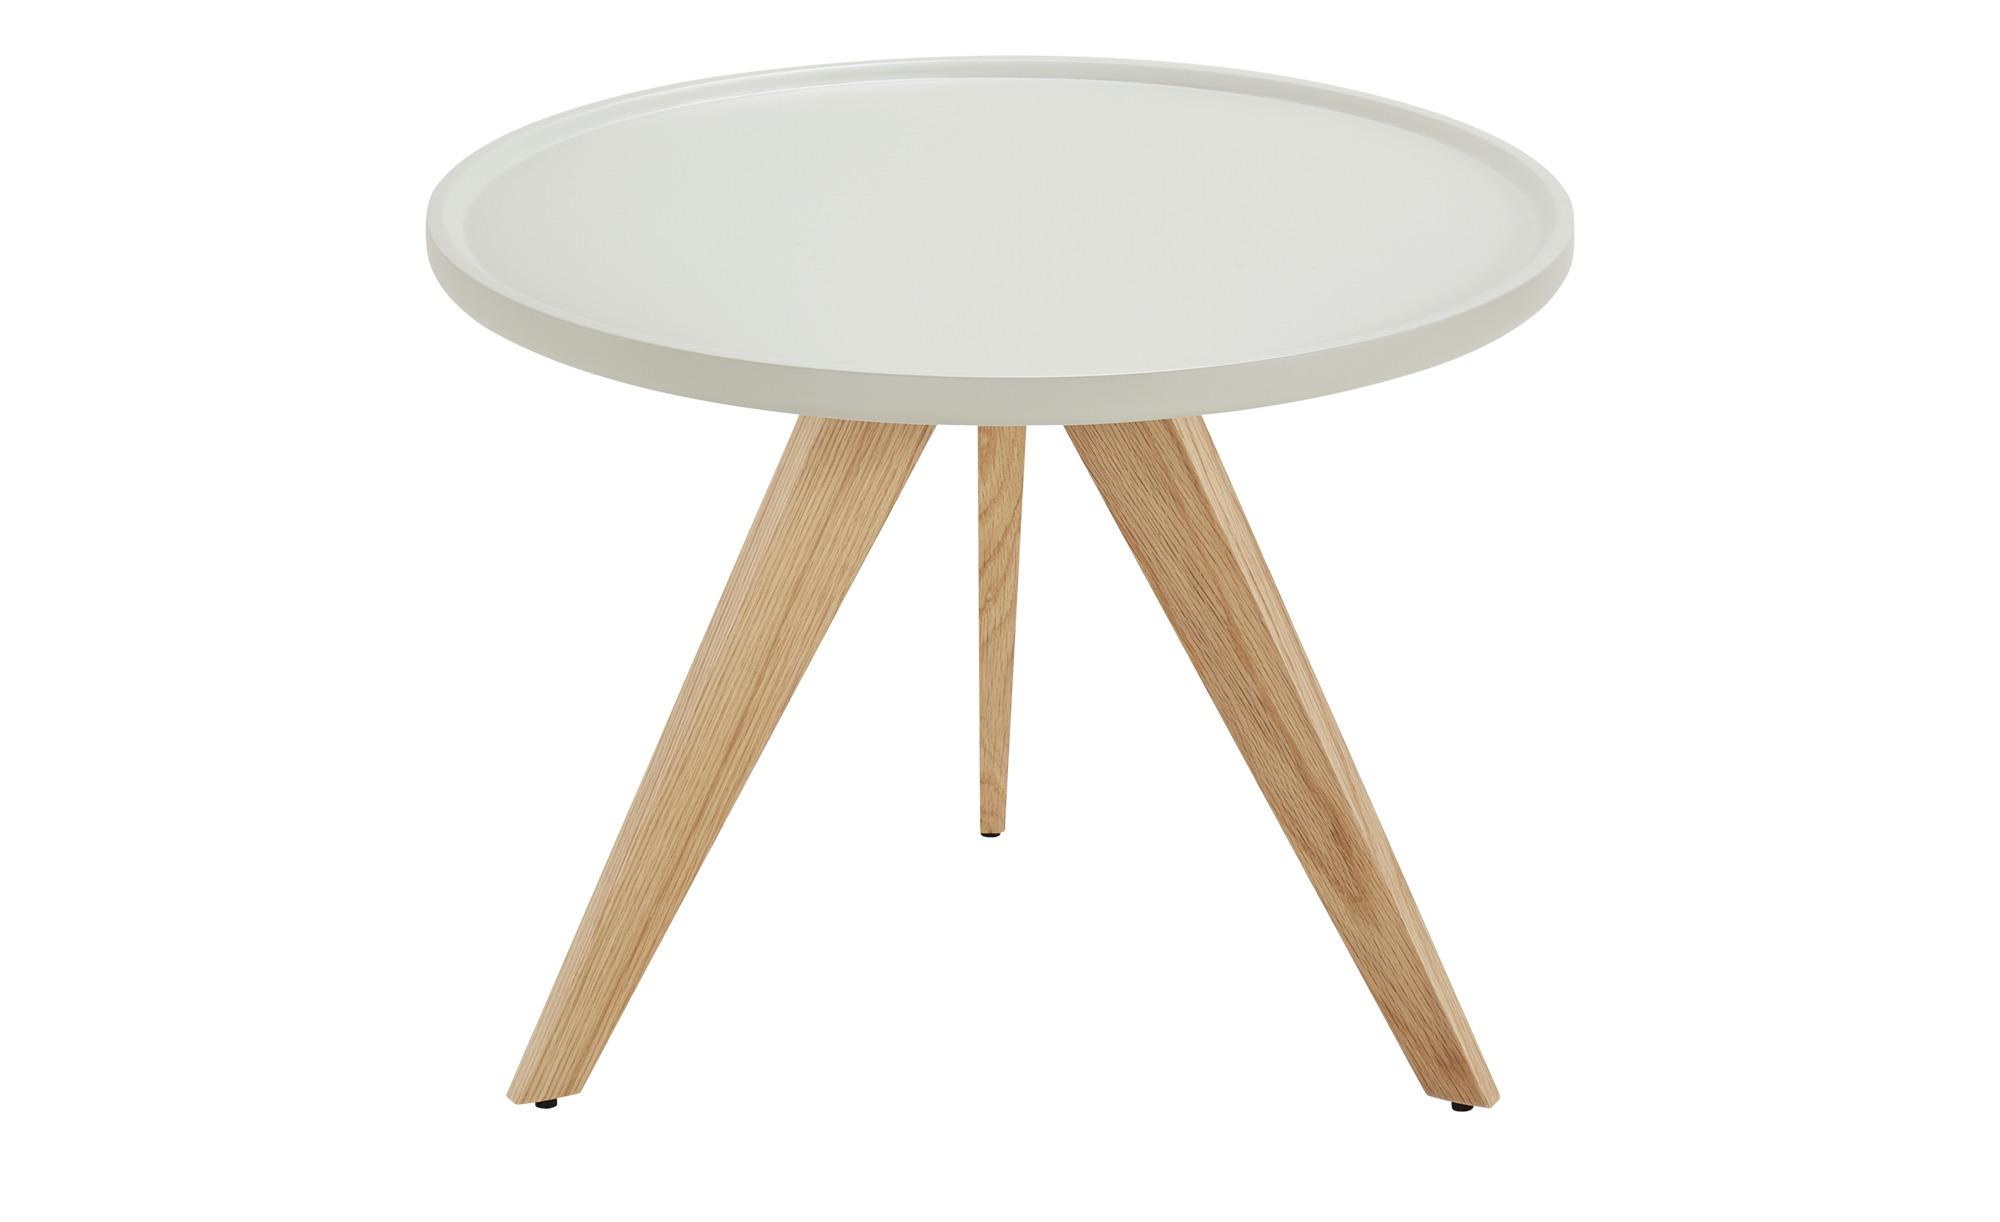 Beistelltisch  Glen II ¦ Maße (cm): H: 46 Ø: 60 Tische > Couchtische > Couchtische rund - Höffner